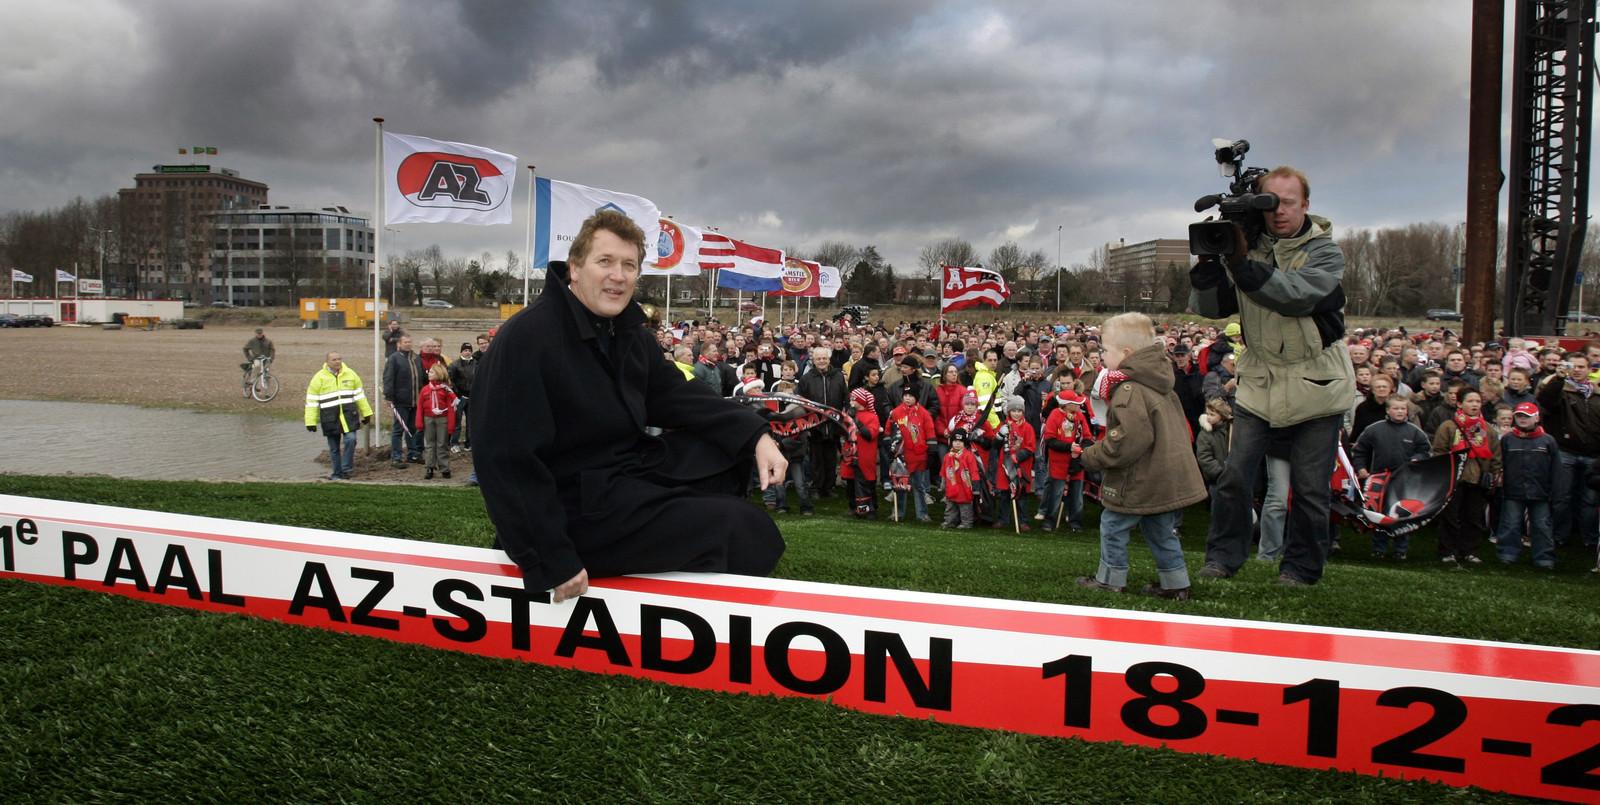 AZ-voorzitter Dirk Scheringa poseert zaterdag 18 december 2004 voor de camera's voor het slaan van de eerste paal van het nieuwe stadion van de Alkmaarse voetbalclub. De stad vierde feest.